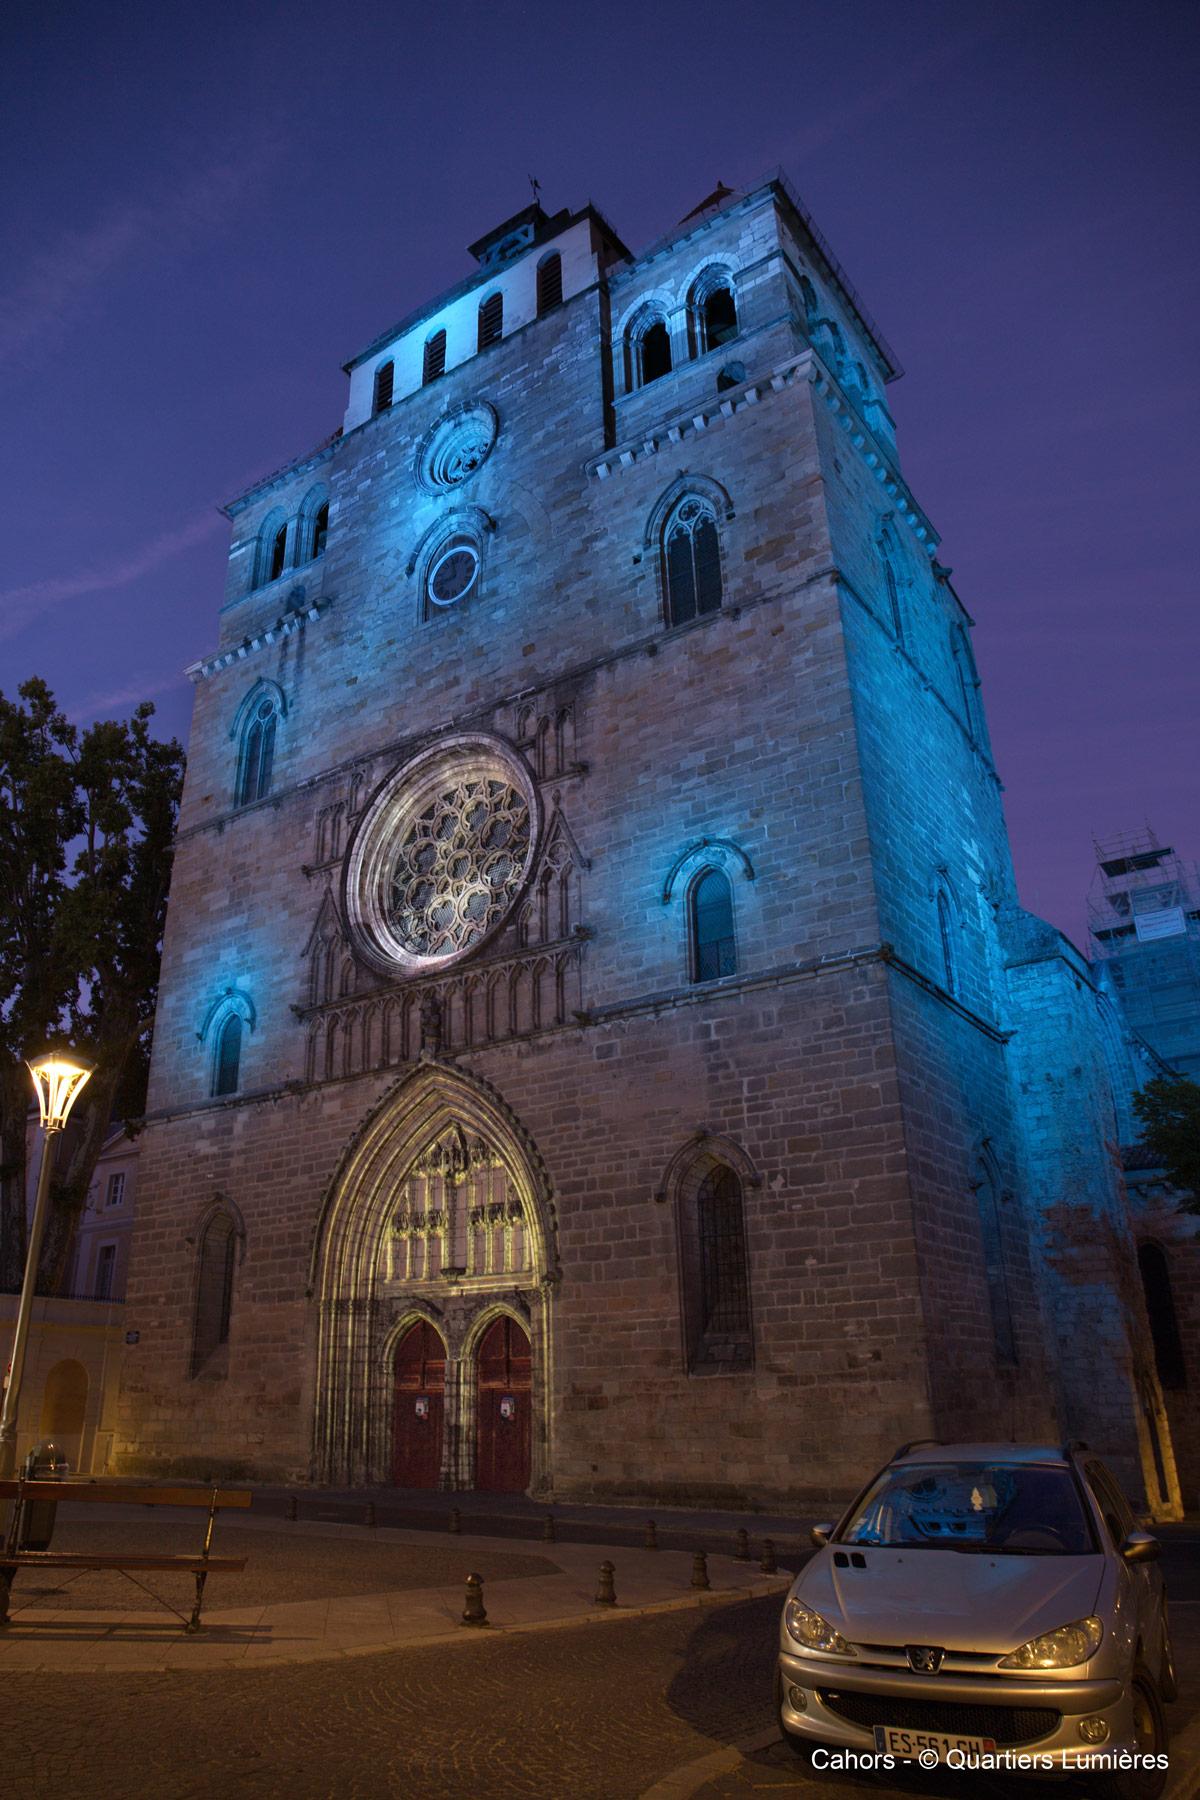 éclairage d'une cathédrale en bleu